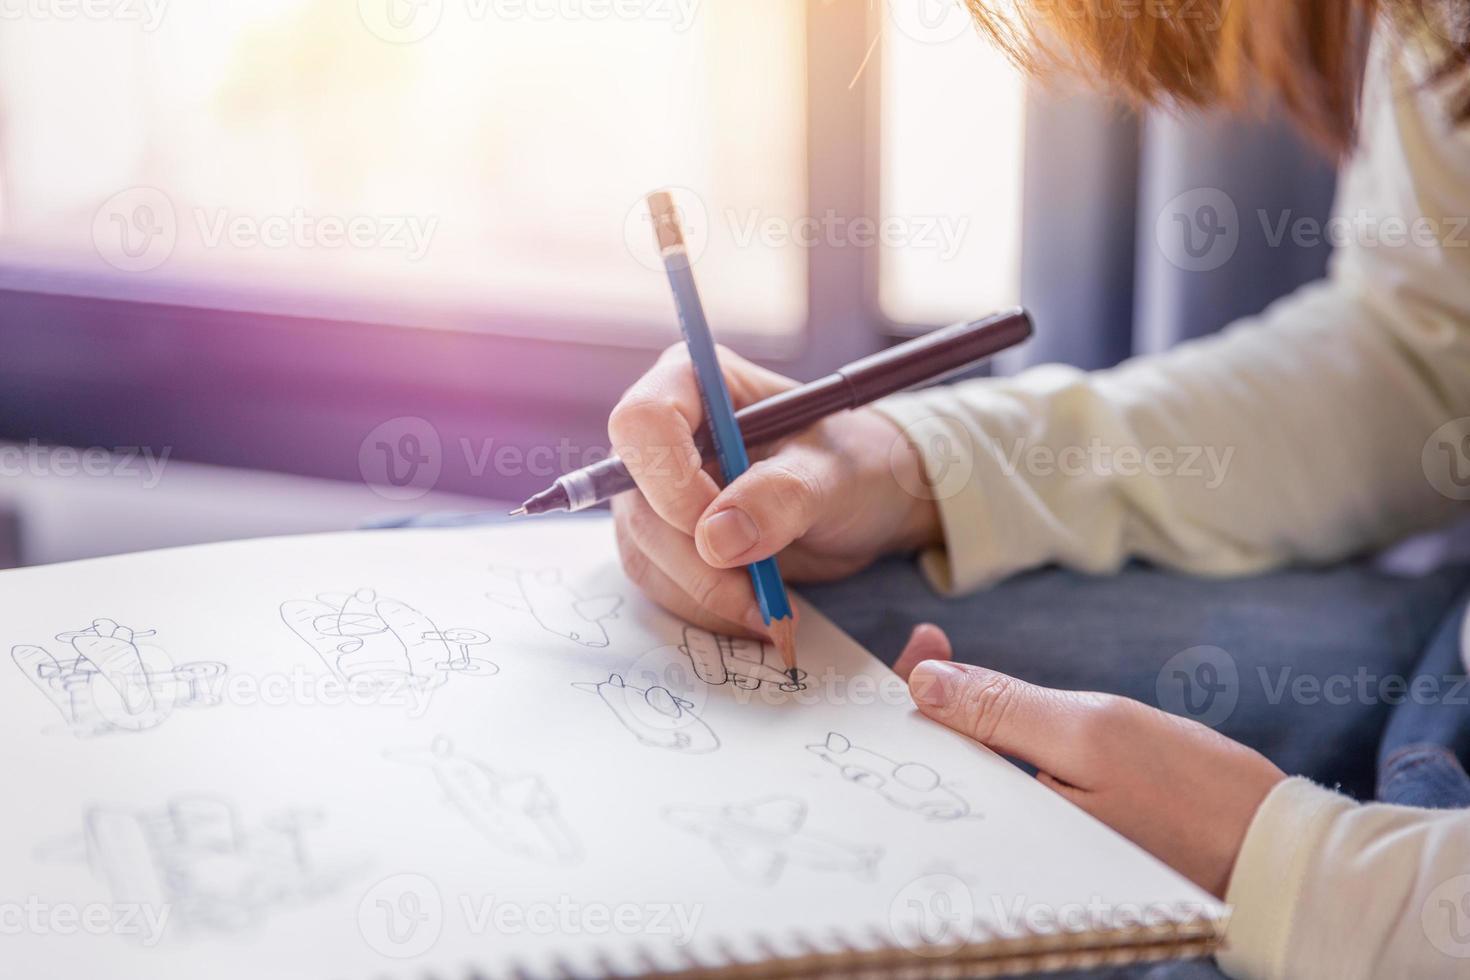 la donna esegue opere d'arte disegnando a mano libera con penna e matita su carta bianca in un tono morbido di luce calda dalla finestra. foto